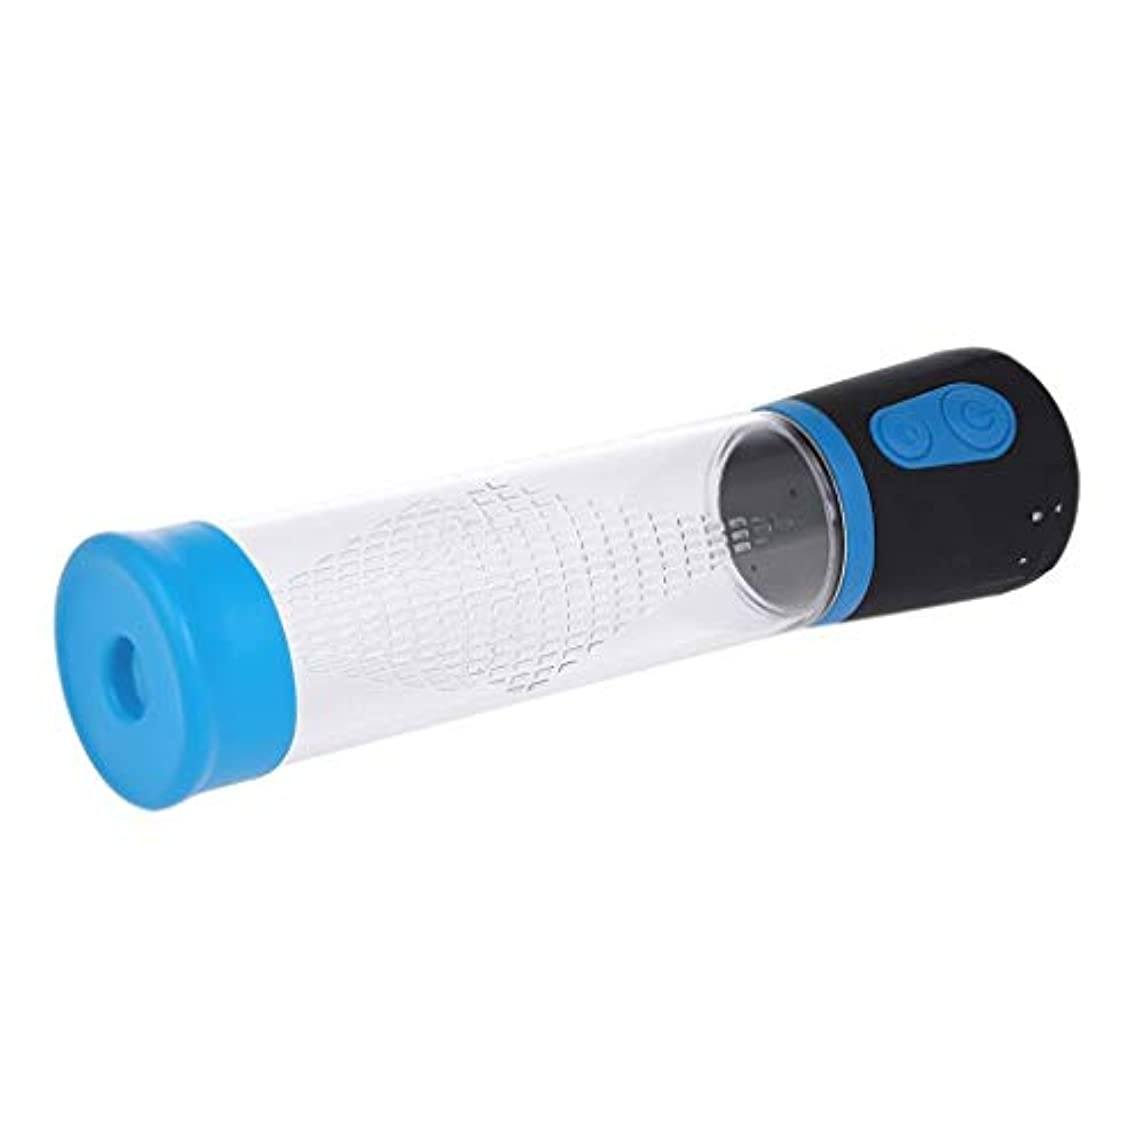 キャッチ花瓶まもなく人のための防水高級電気ポンプポンプセットエンハンサーデバイスマッサージャー